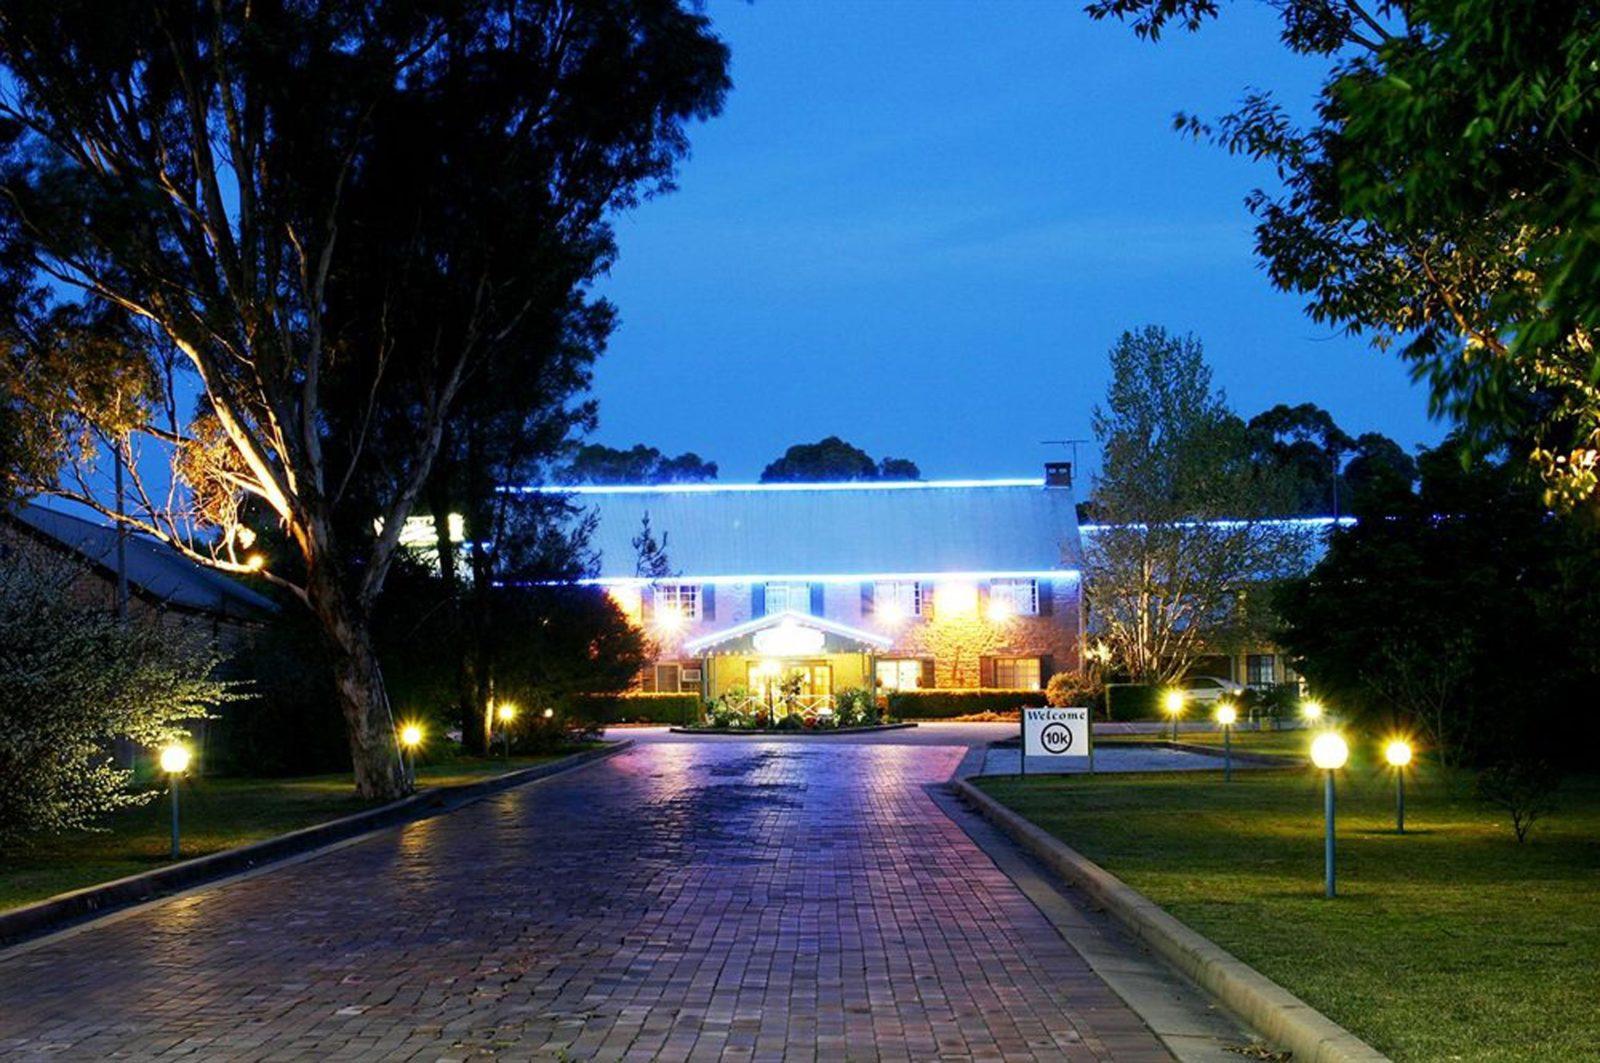 Campbelltown Colonial Inn